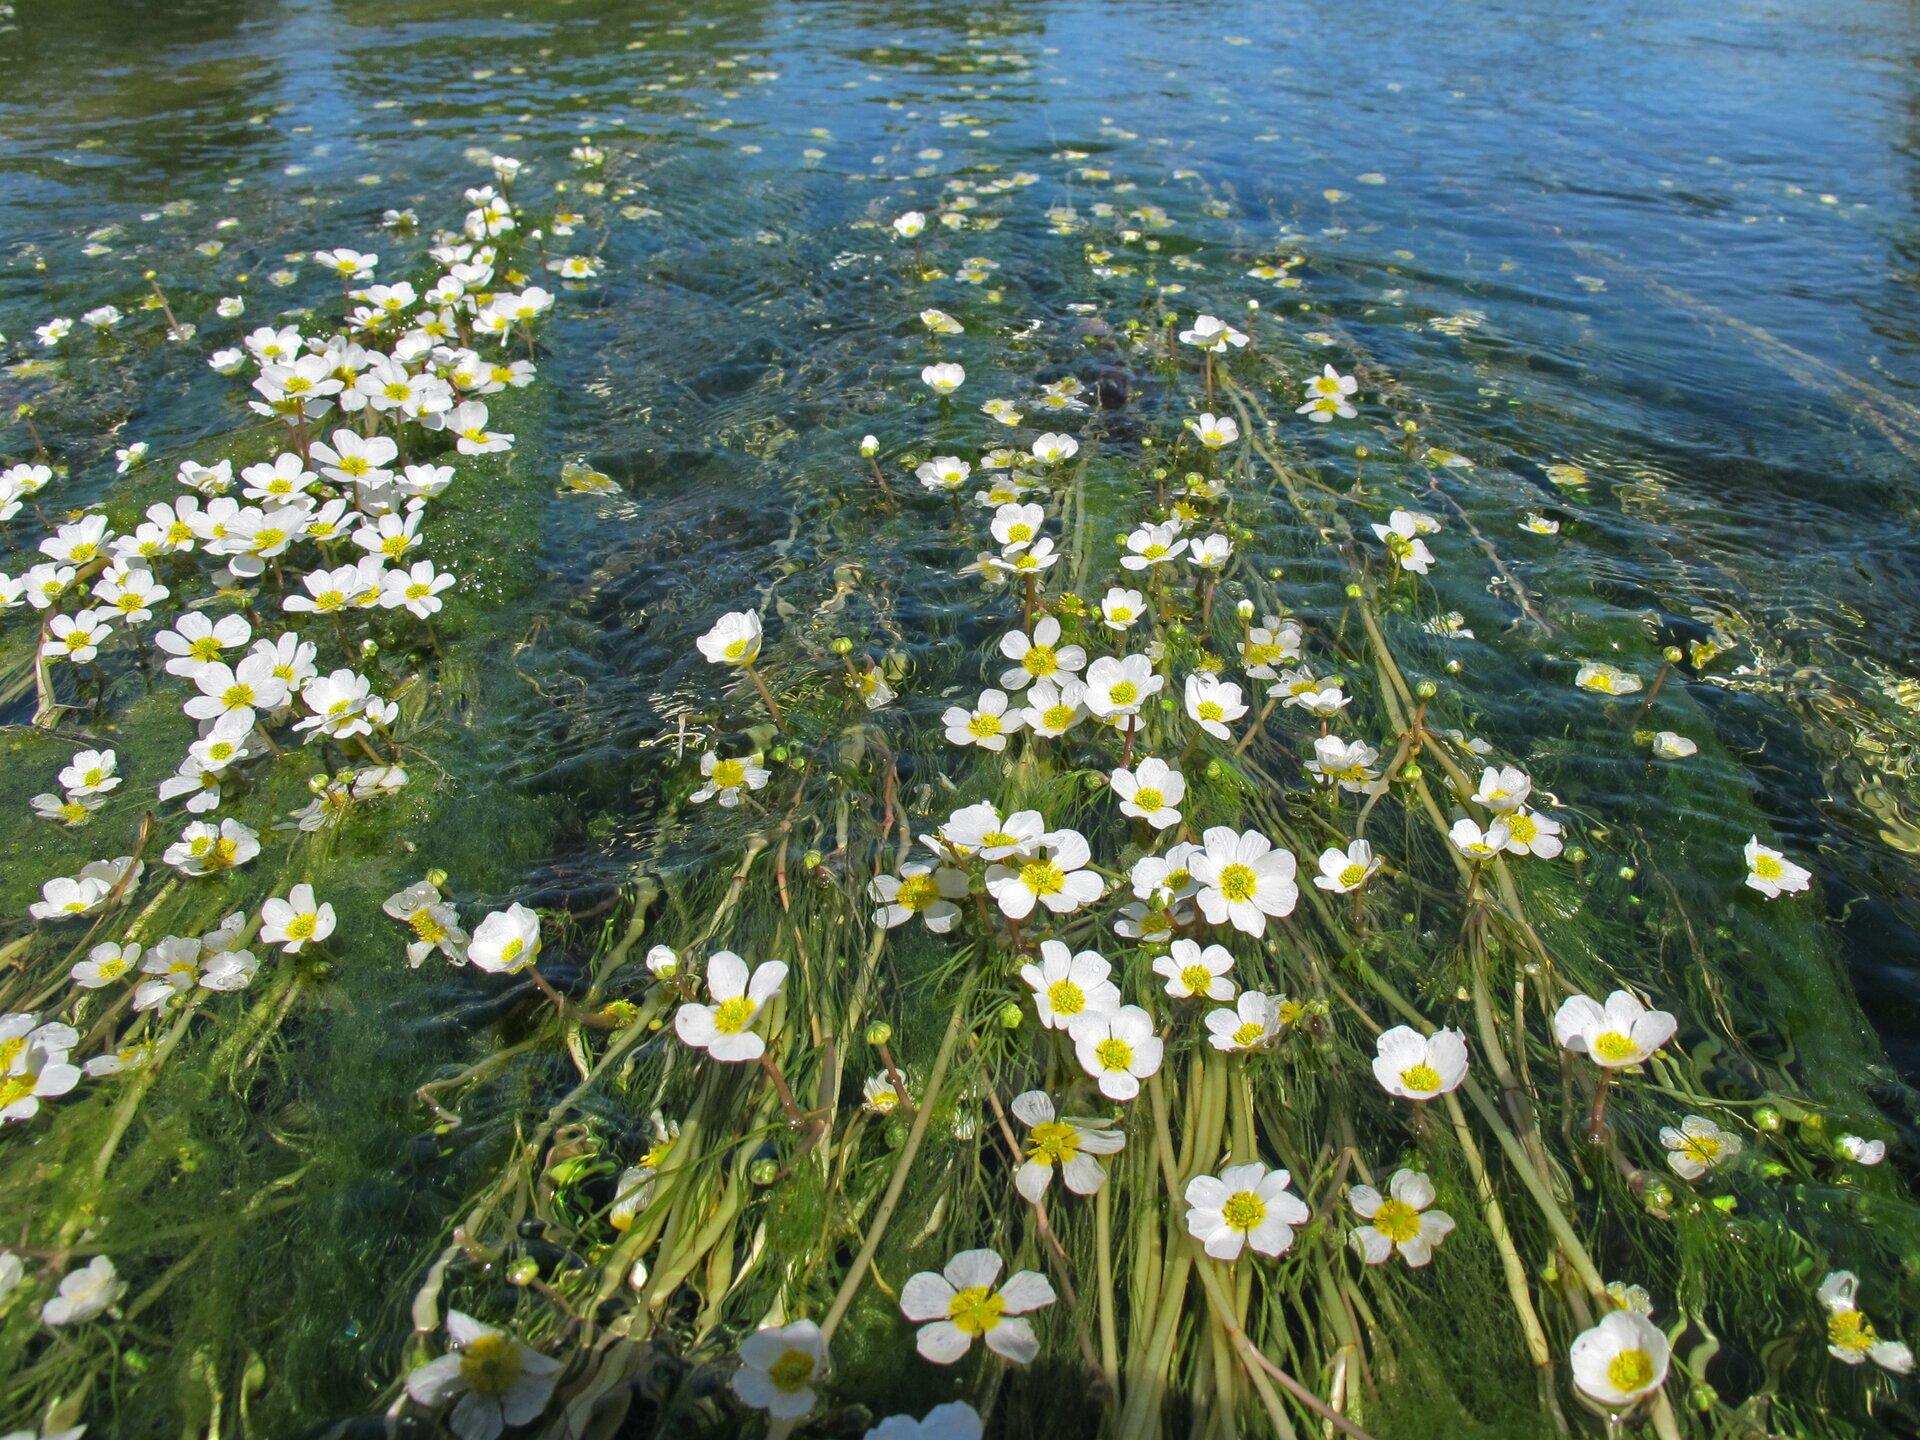 Fotografia przedstawia ciek zlicznymi kwitnącymi roślinami jaskra wodnego. Wydłużone pędy roślin układają się zgodnie znurtem. Nad wodę wystają kwiaty zpięcioma białymi płatkami iżółtym środkiem.